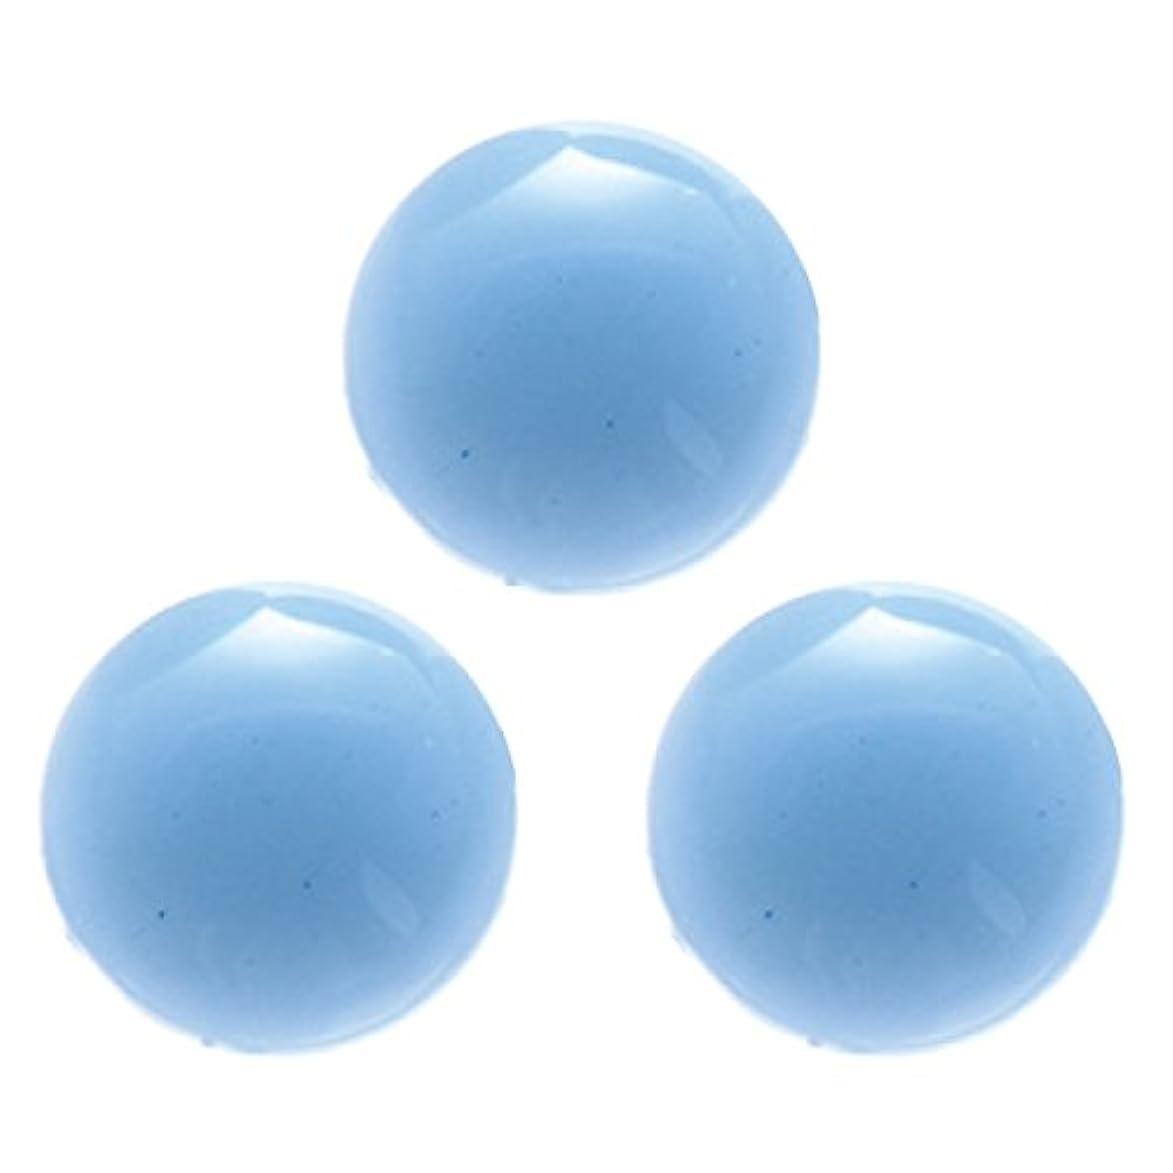 約富豪番目<エトゥベラ>オパールストーン ラウンド 3mm ブルー